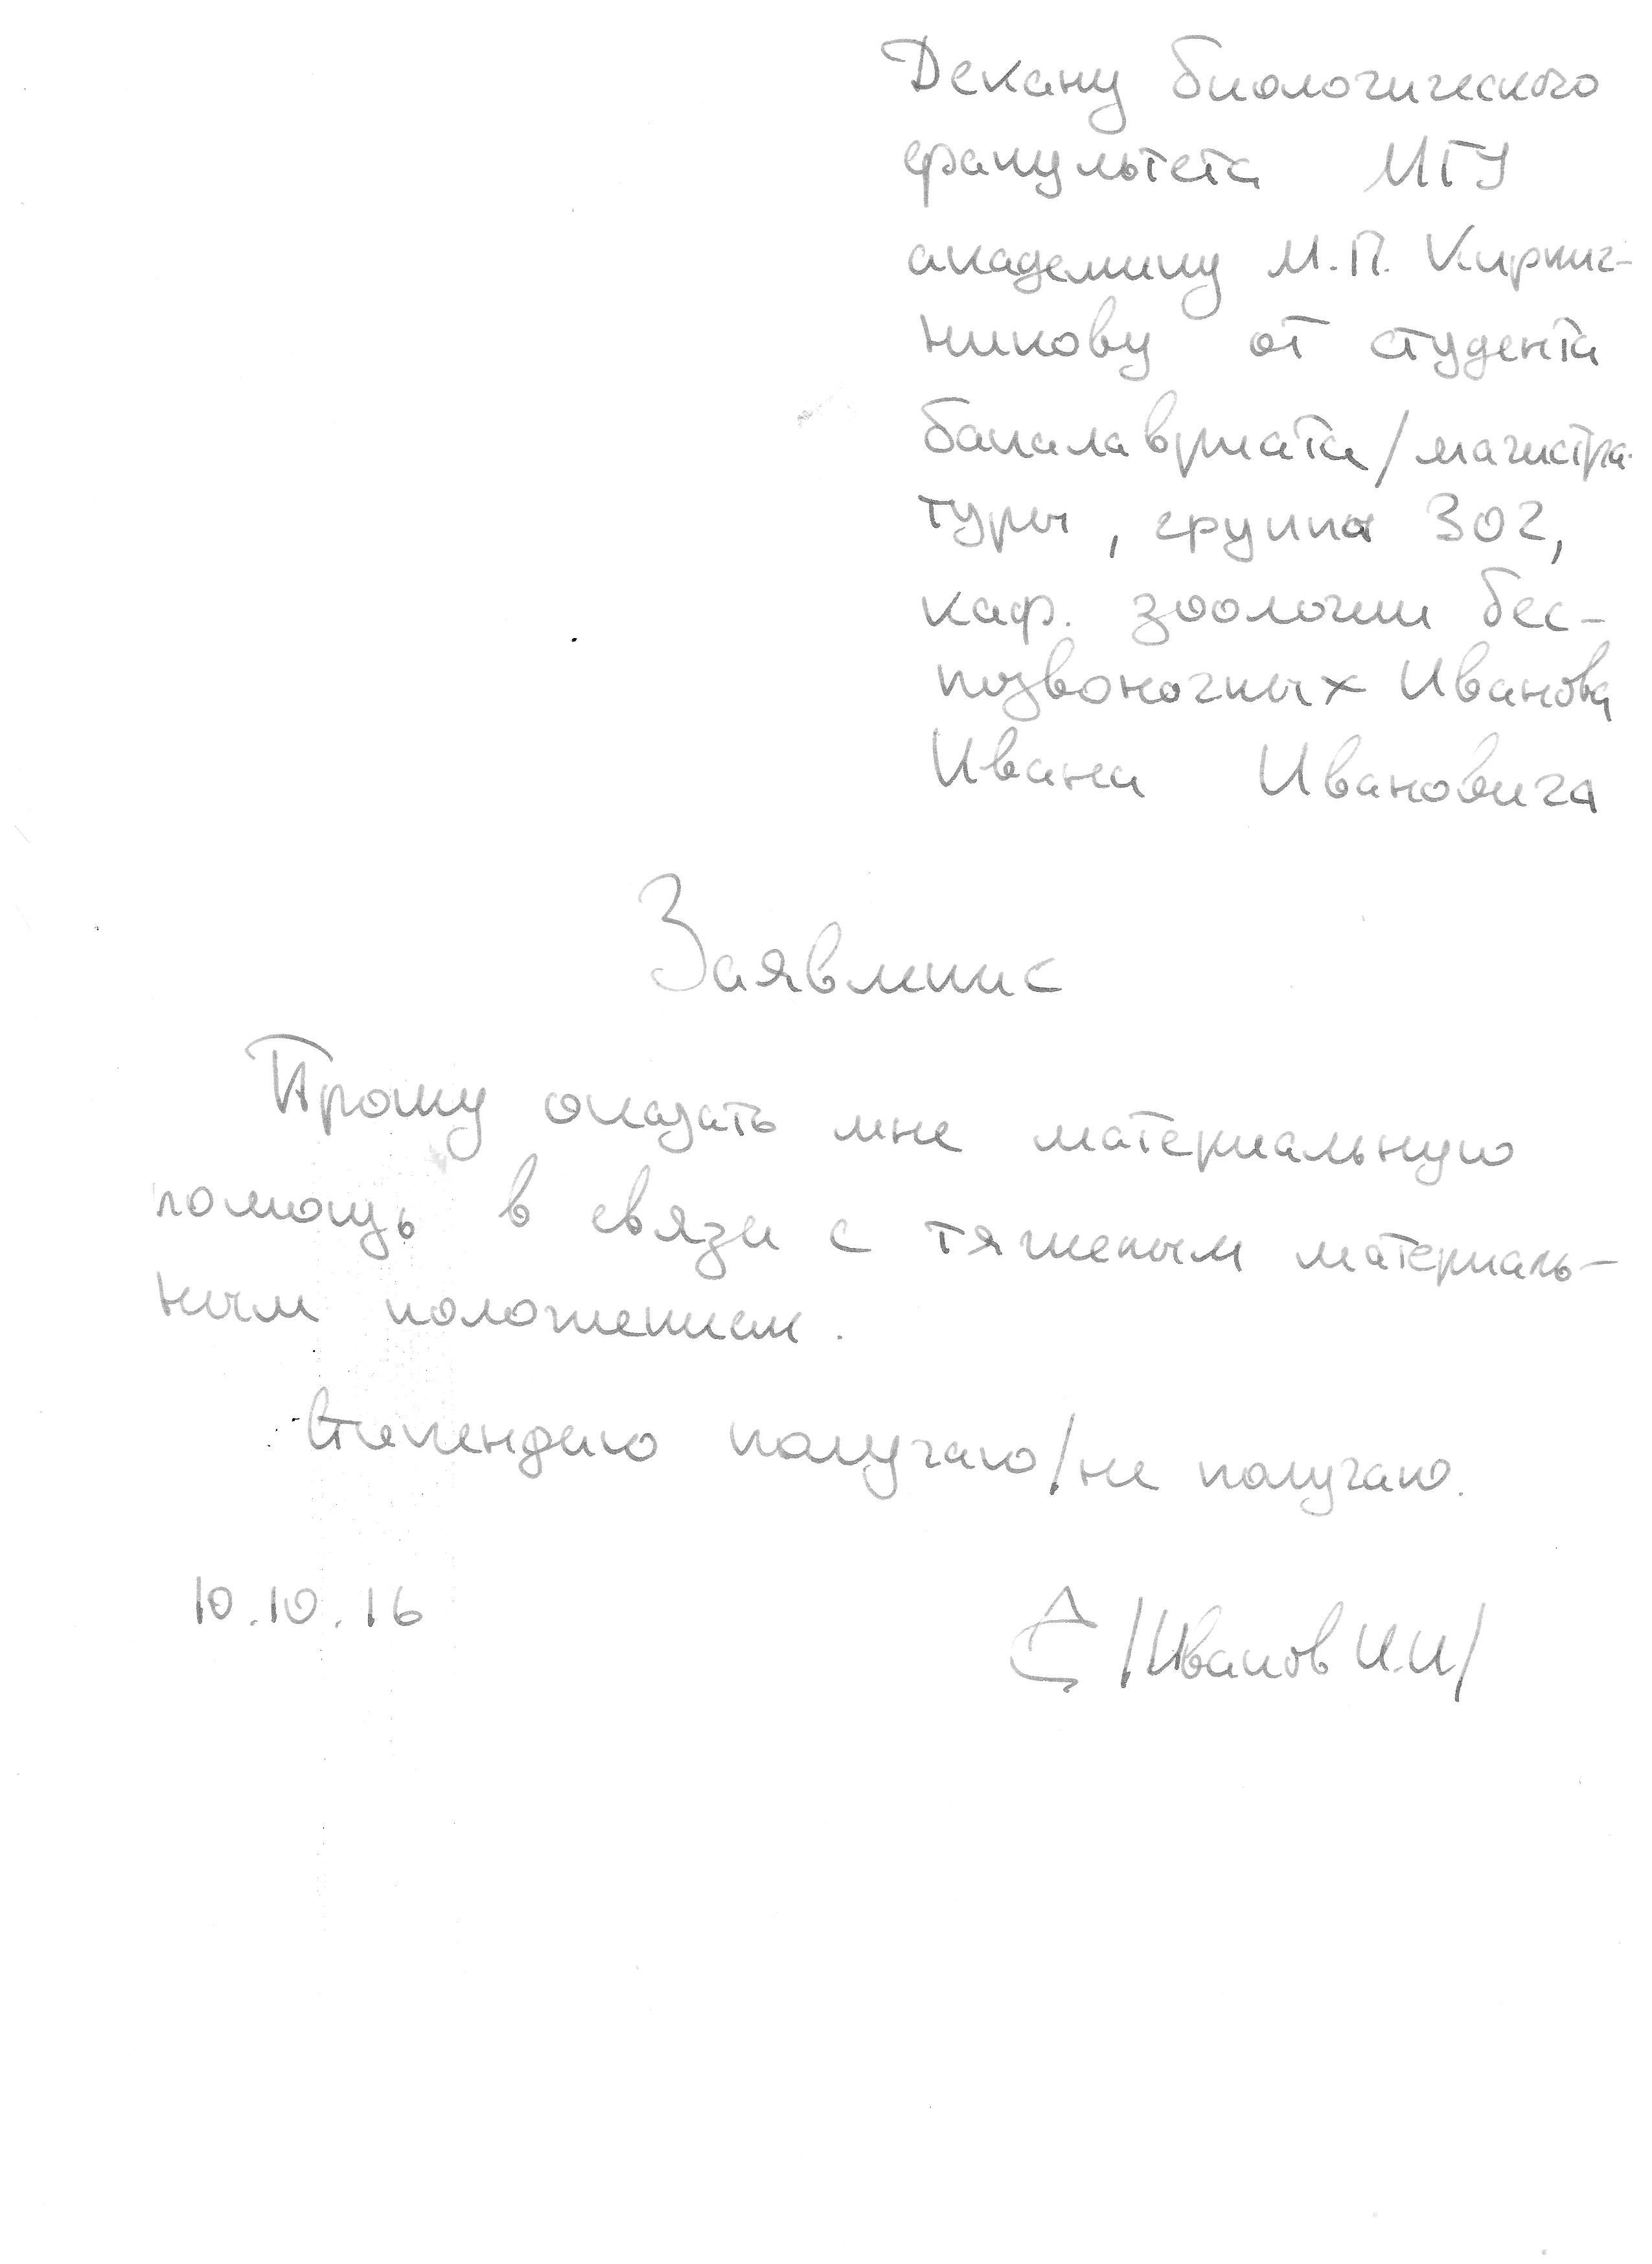 заявление на материальную помощь студенту 2